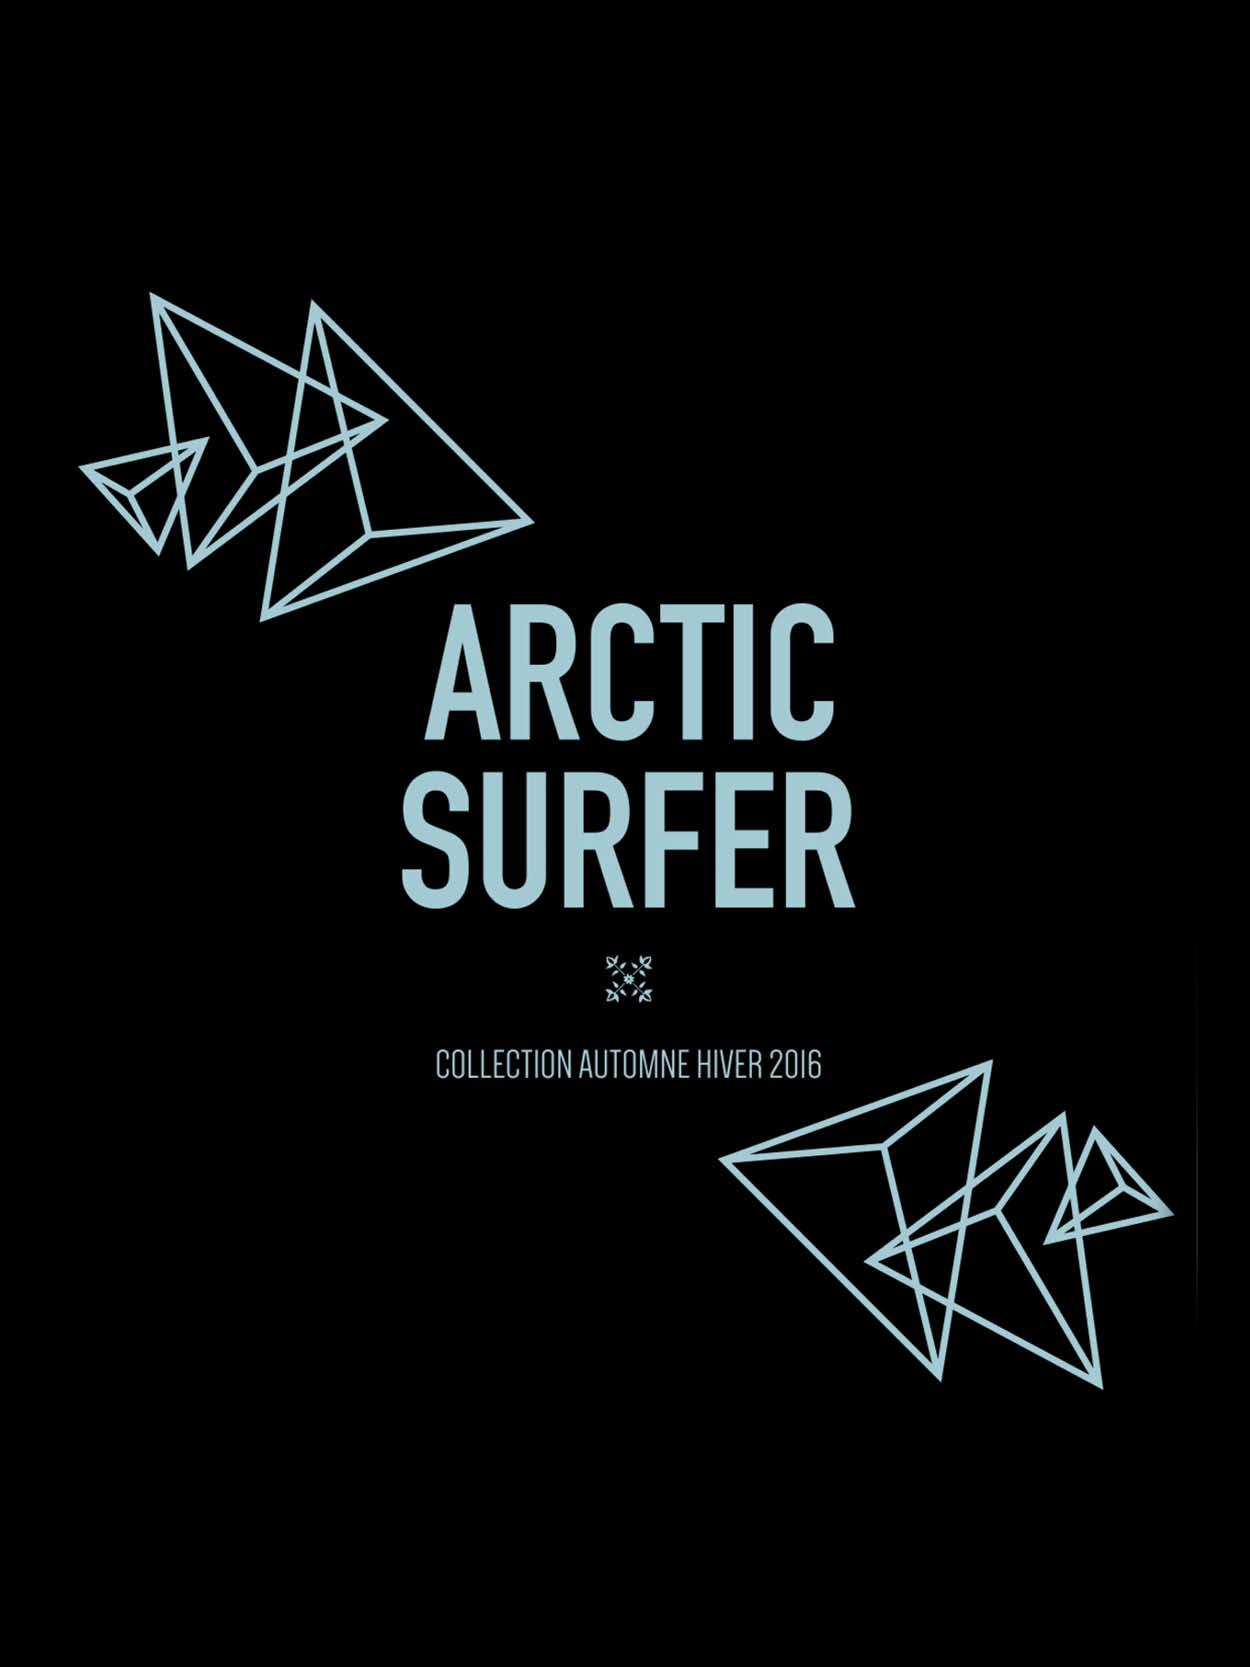 arctic-surfer